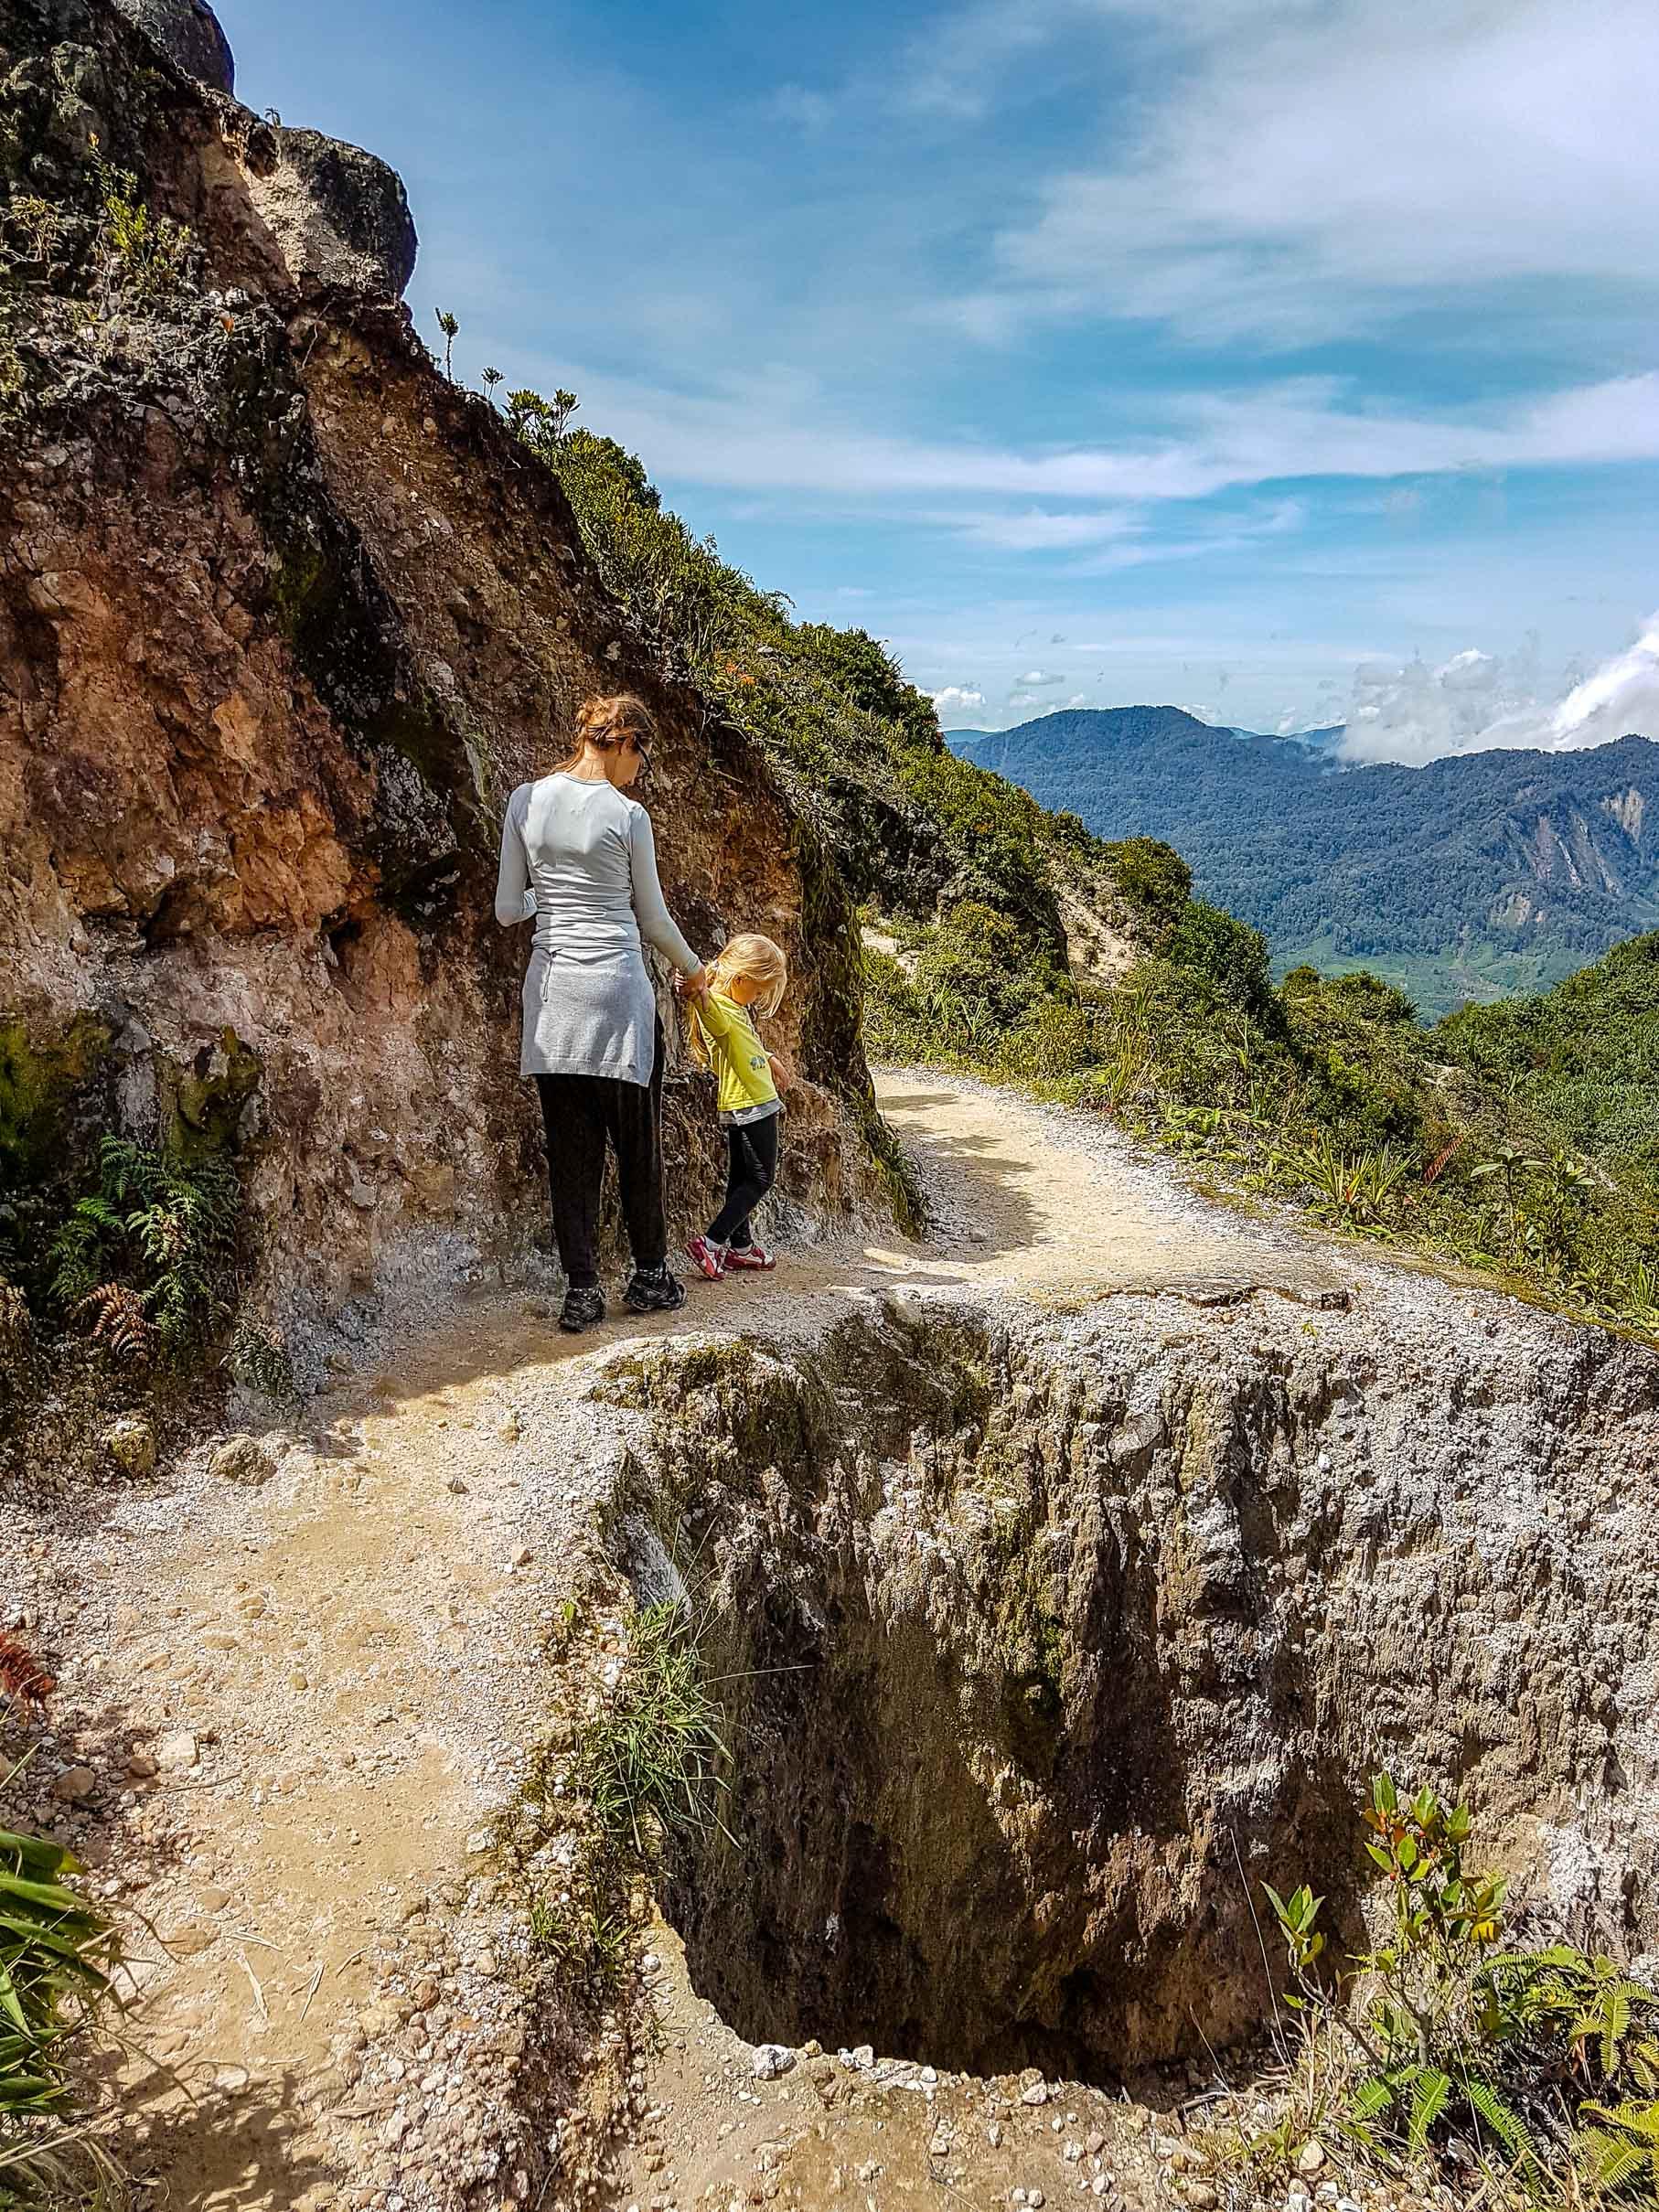 Ścieżka na wulkan momentami bywała wąska. Sibayak, Indonezja.